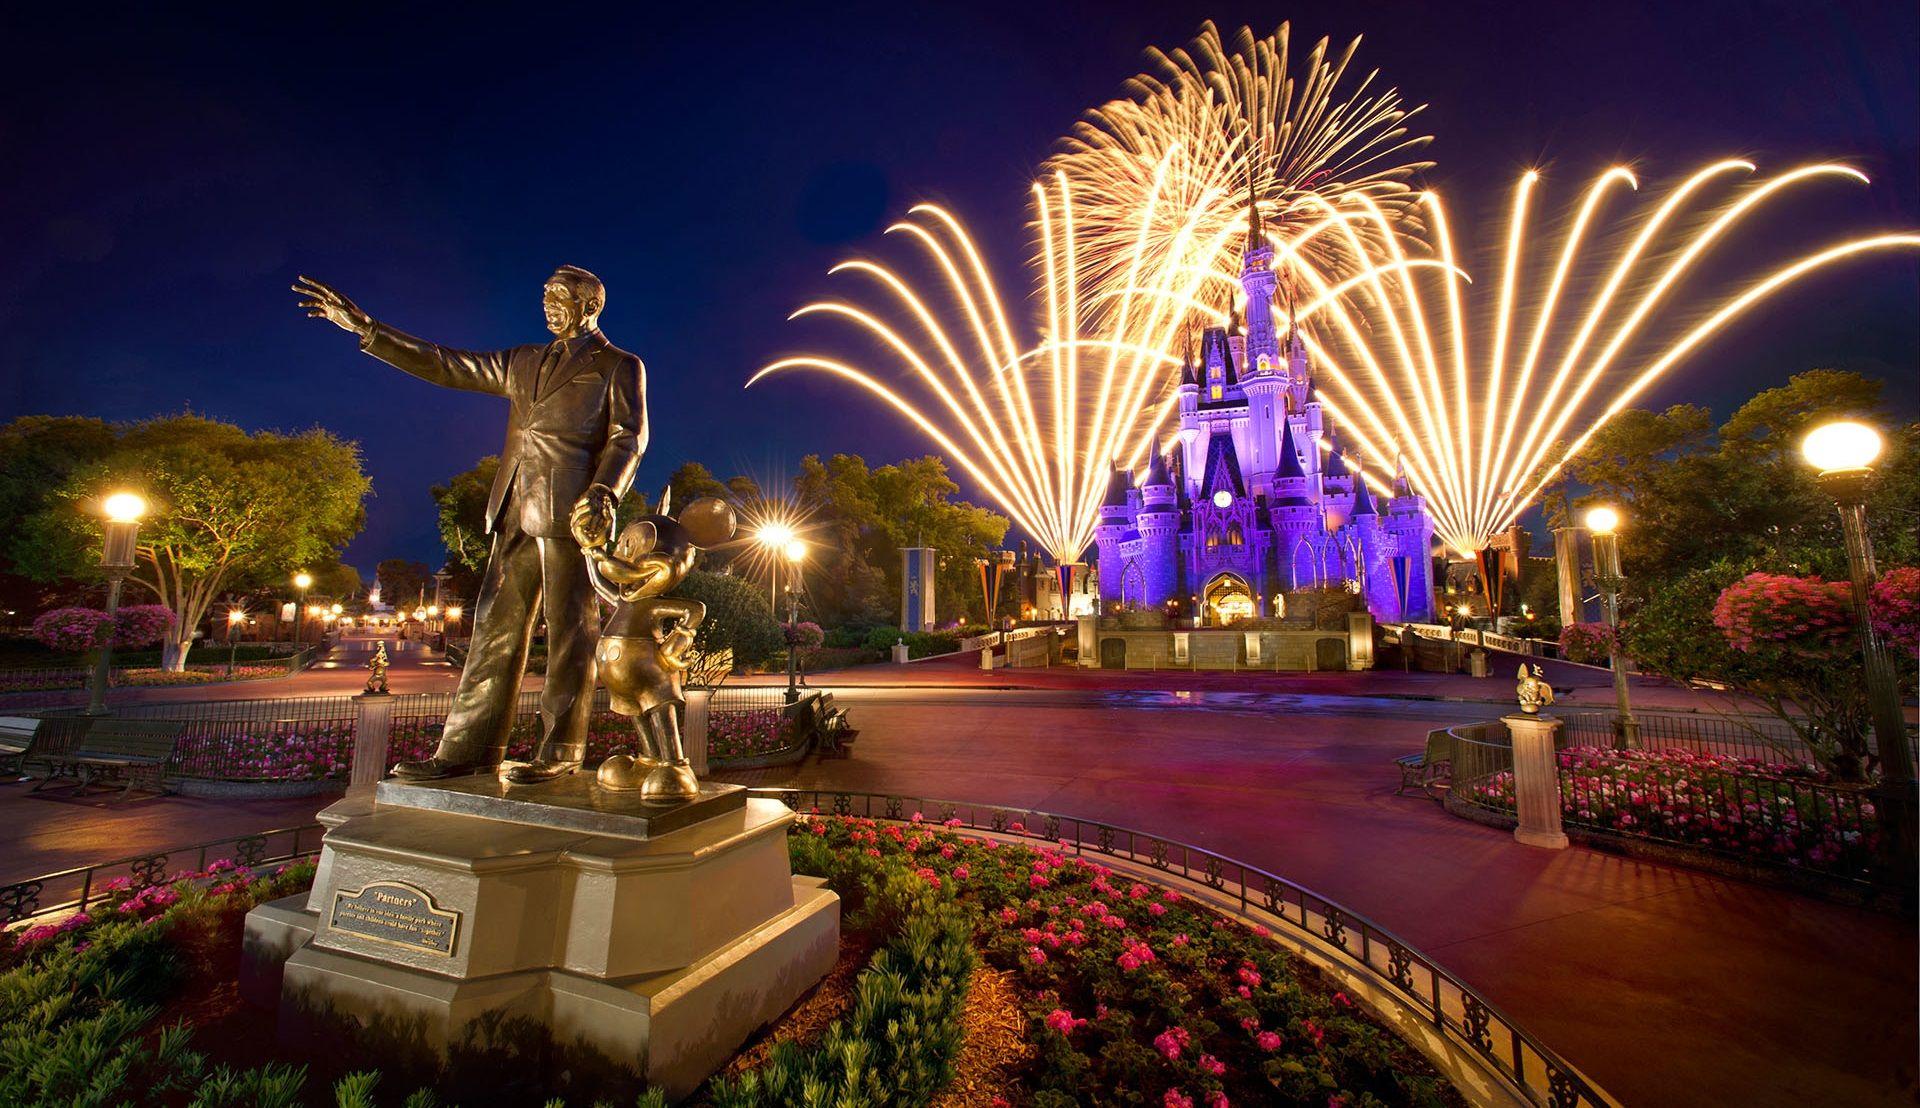 Enjoyable Tour Around The Adventurous Orlando With Florida